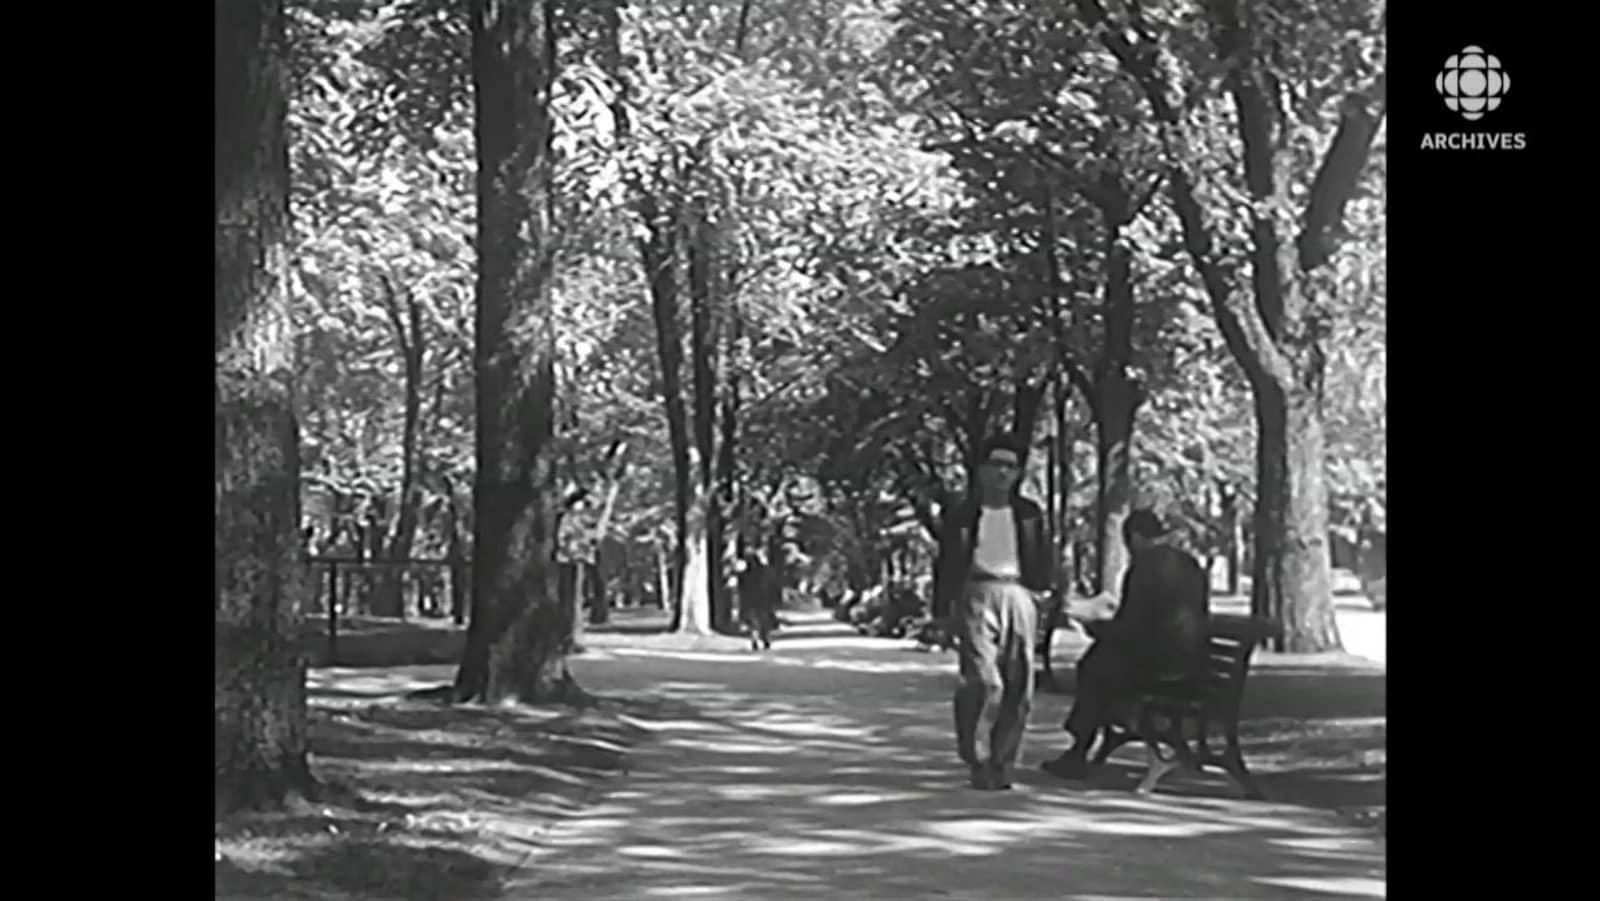 Un homme flâne dans un sentier du parc La Fontaine et circule près d'un autre qui lit son journal sur un banc.